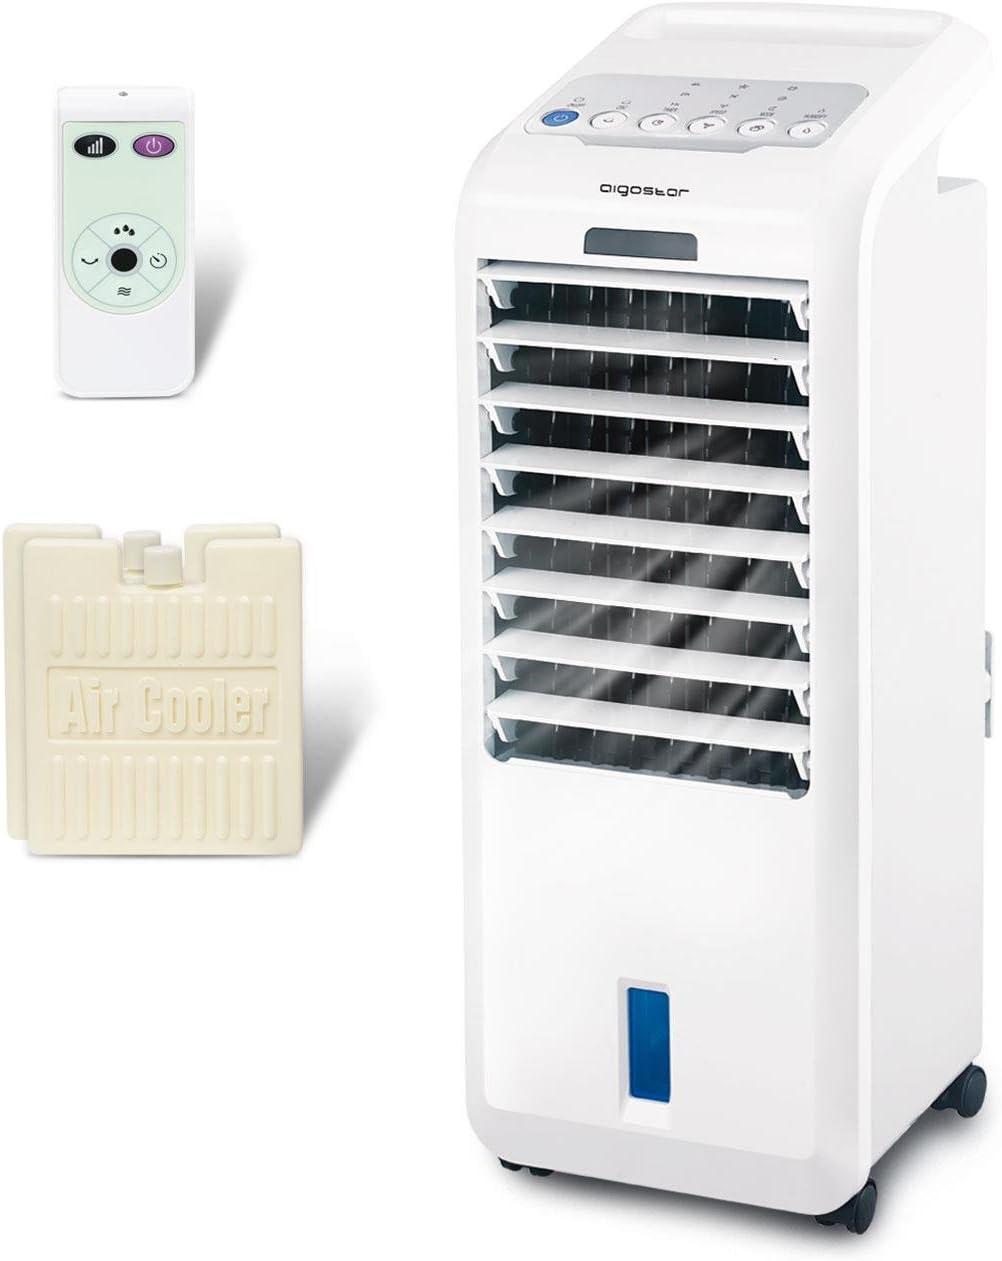 Aigostar Koud 33JTL - Climatizador evaporativo con mando a distancia, 55W, oscilante, 3 modos y 3 velocidades, temporizador 7 h, humidificador de aire, 2 cajas hielo, depósito 5 l. Diseño exclusivo